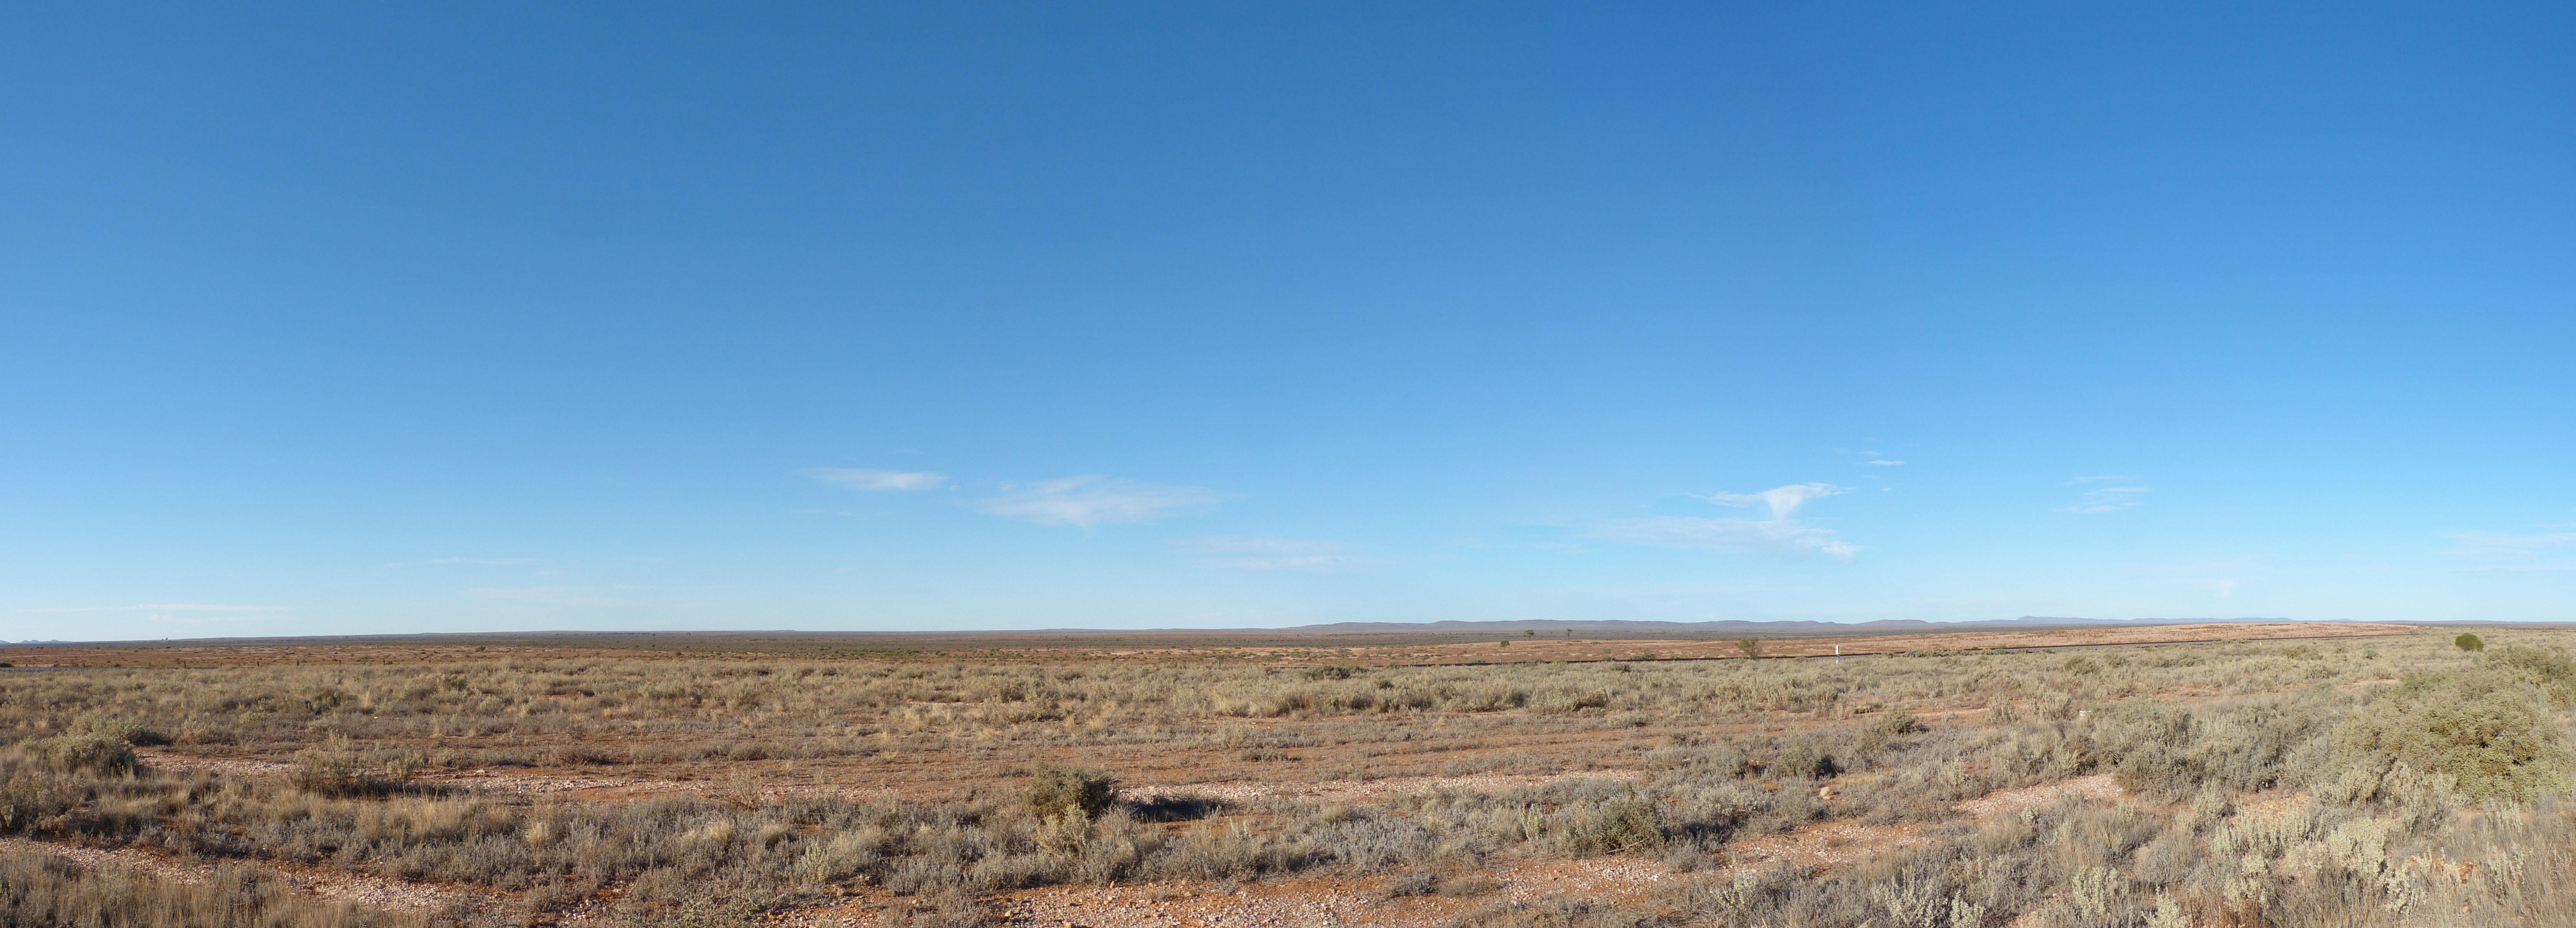 Desert Pano3